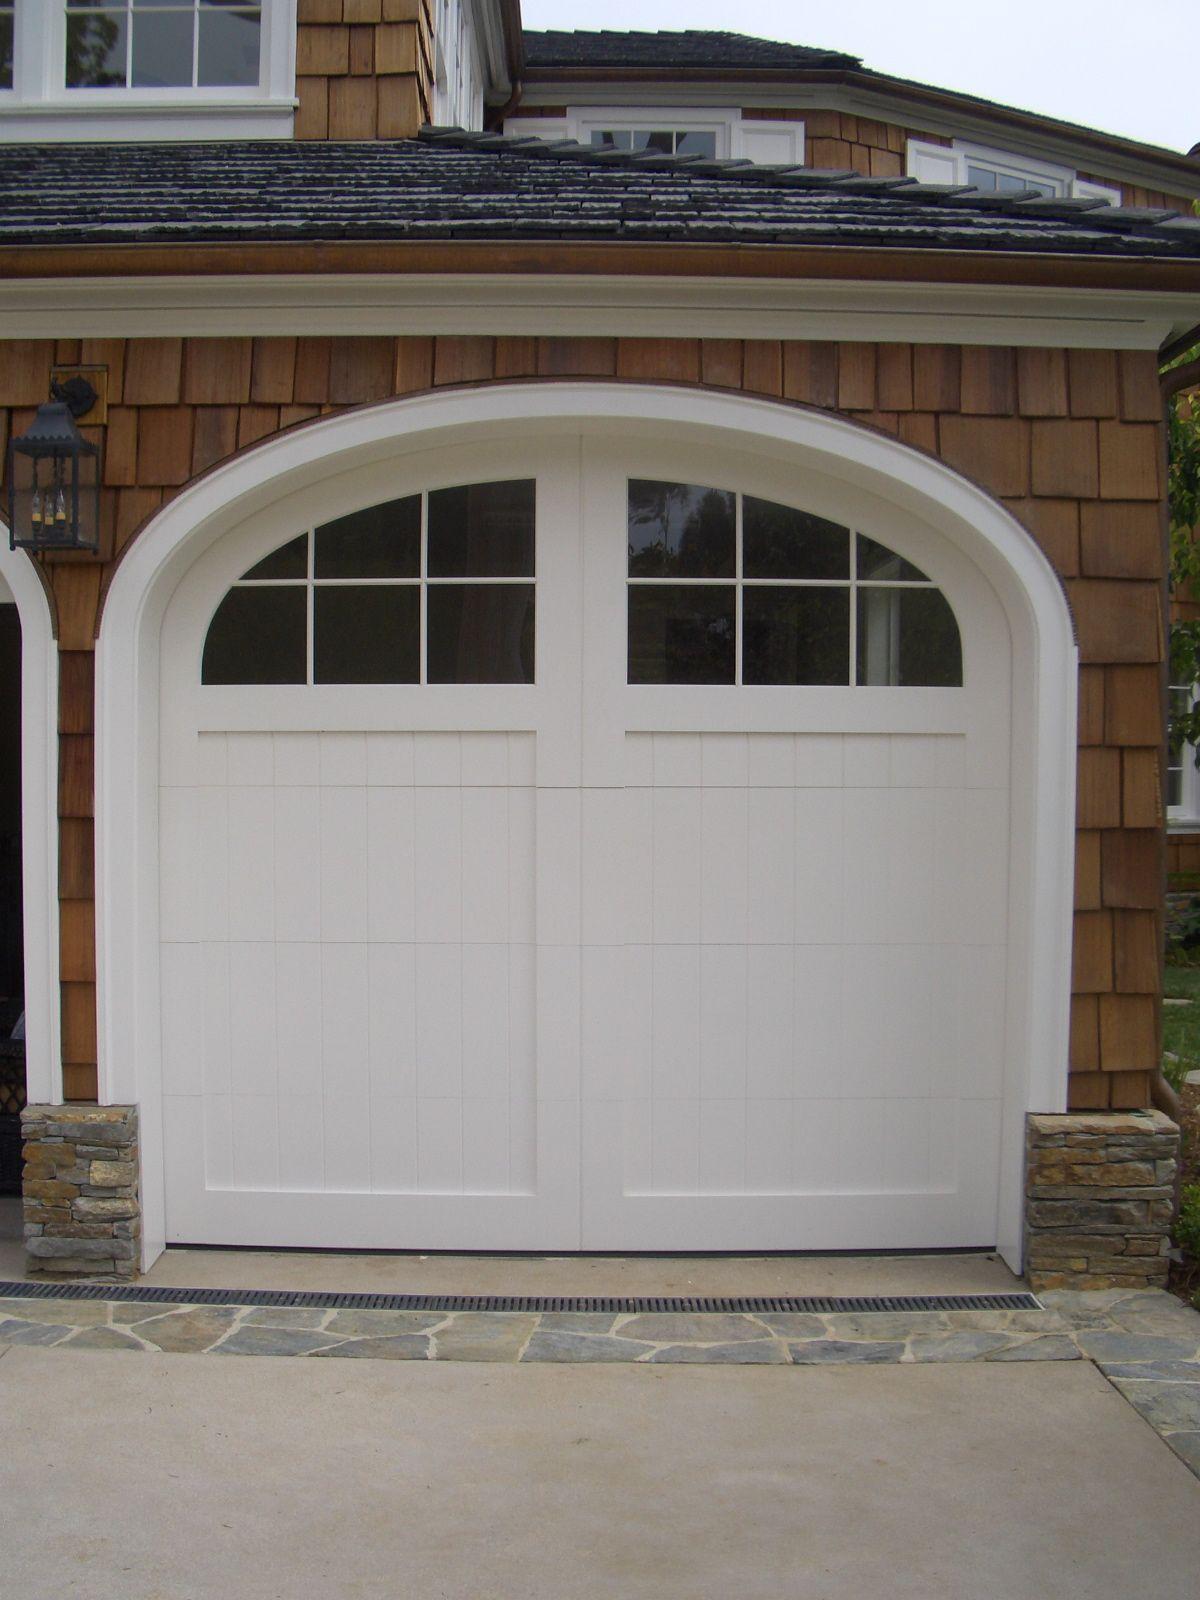 6a00e554d7b827883301127982569328a4 Pi 1 200 1 600 Pixels Carriage Garage Doors Garage Door House Carriage House Garage Doors